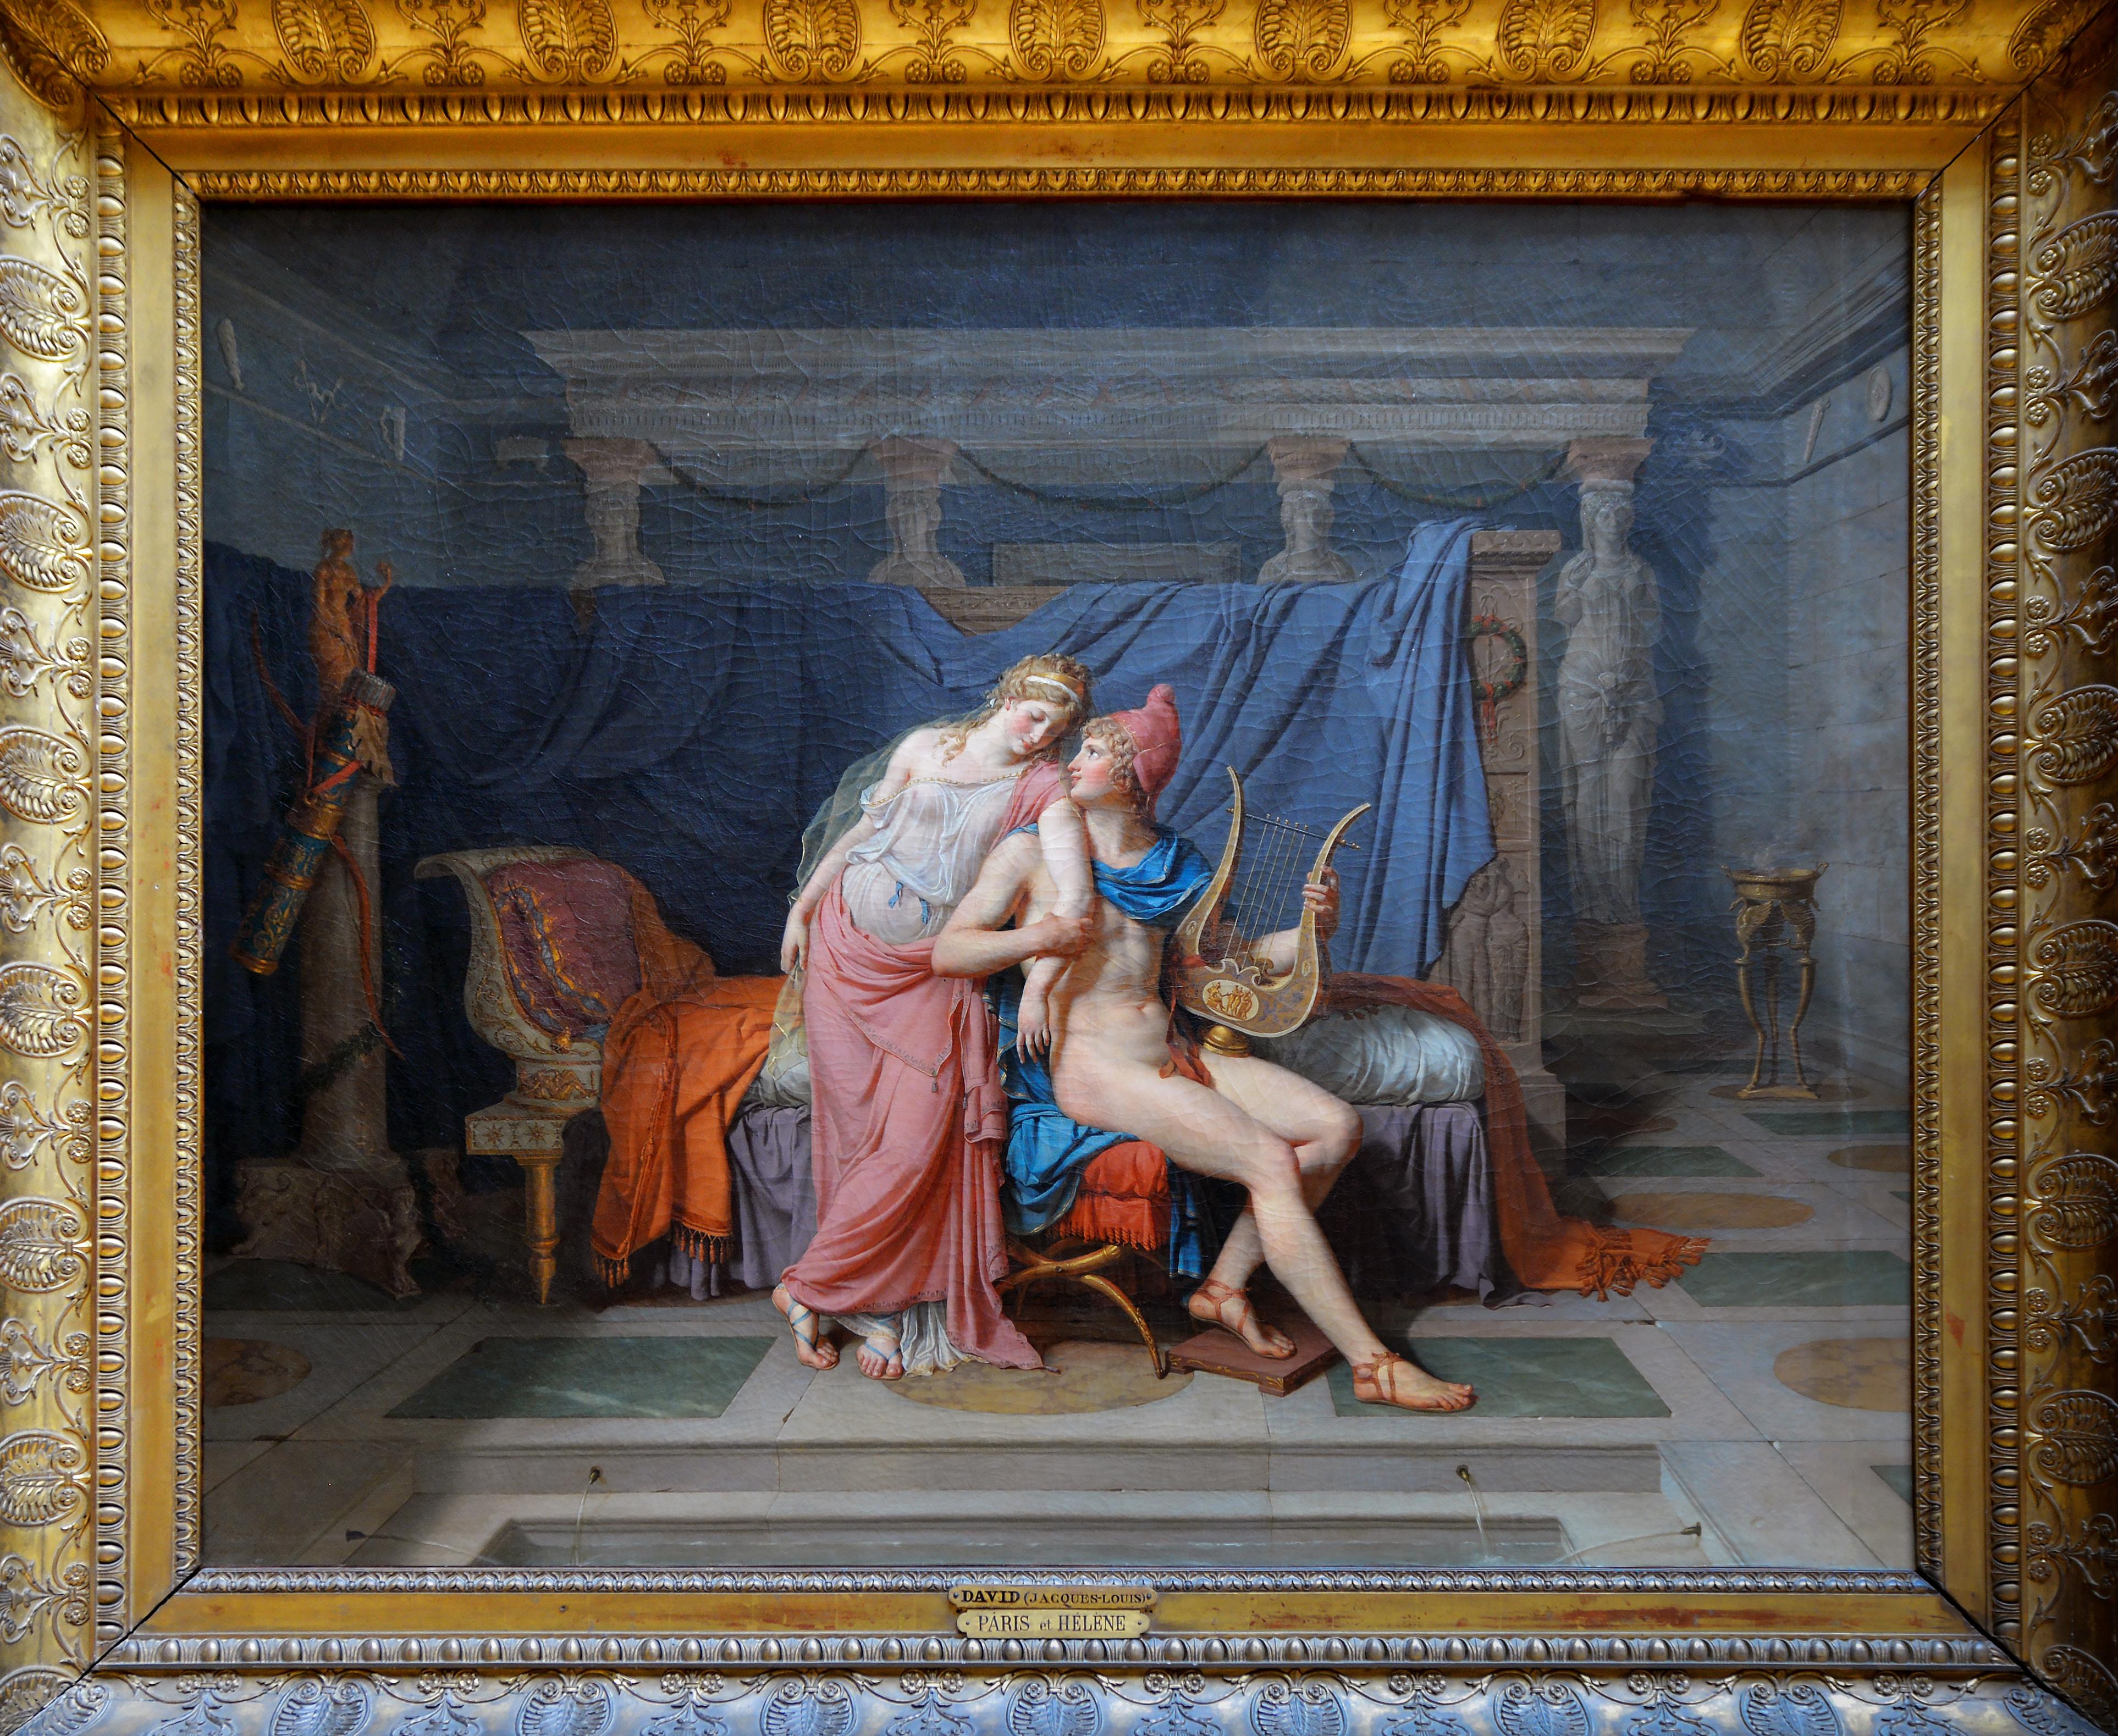 Los amores de Paris y Helena - Wikipedia, la enciclopedia libre